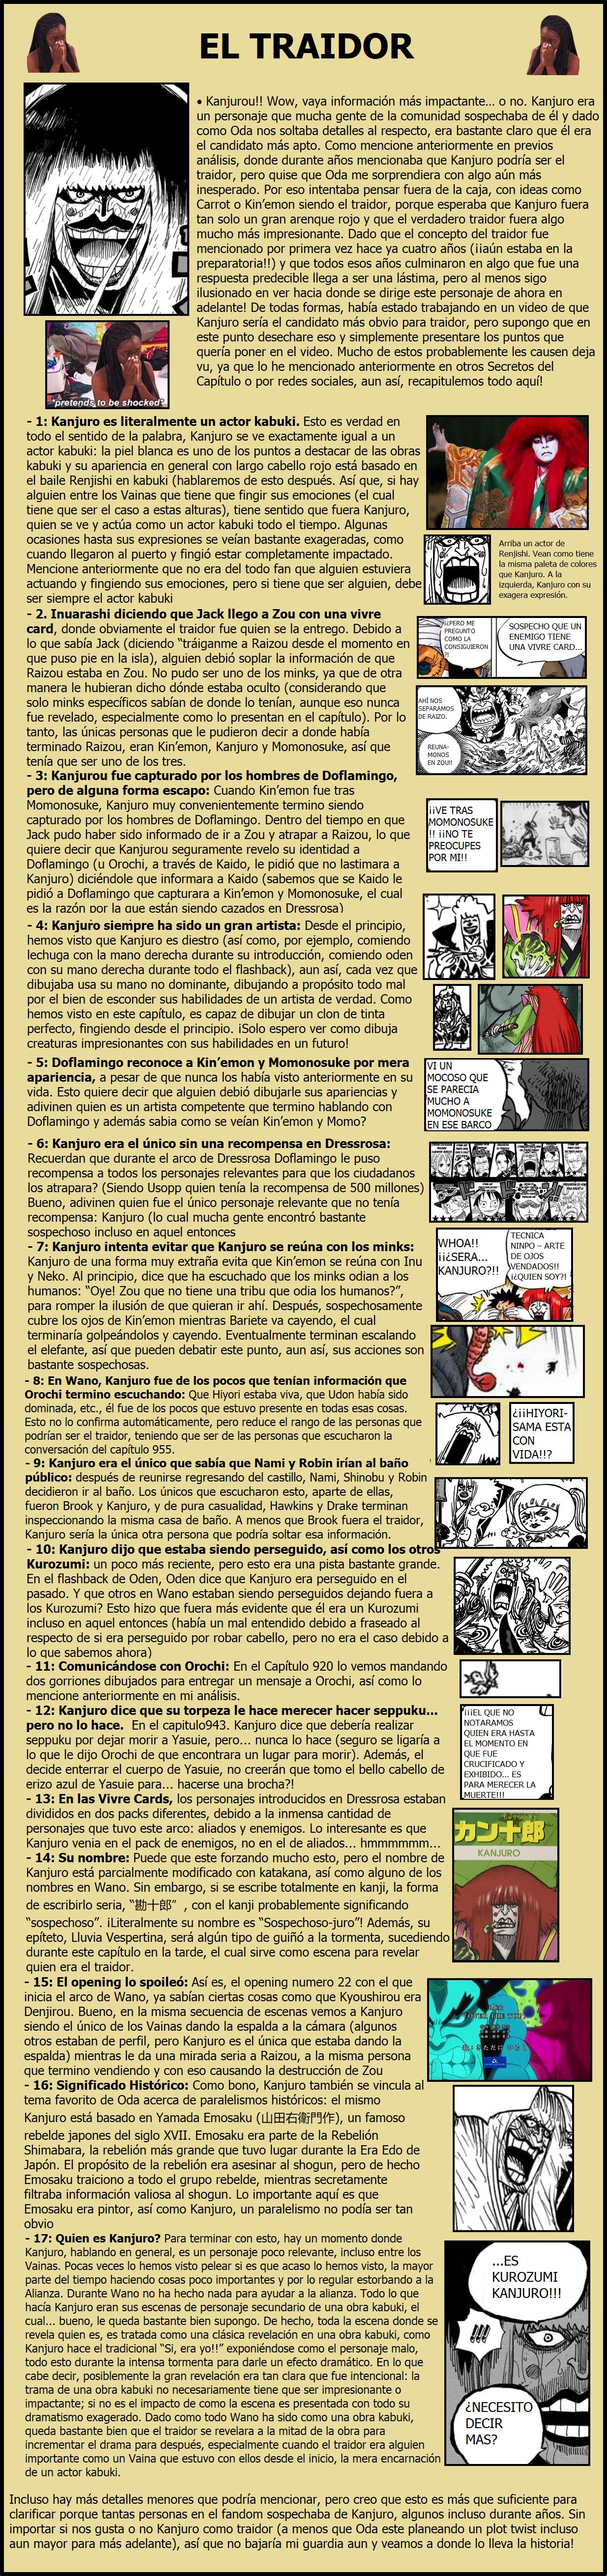 Secretos & Curiosidades - One Piece Manga 974 04